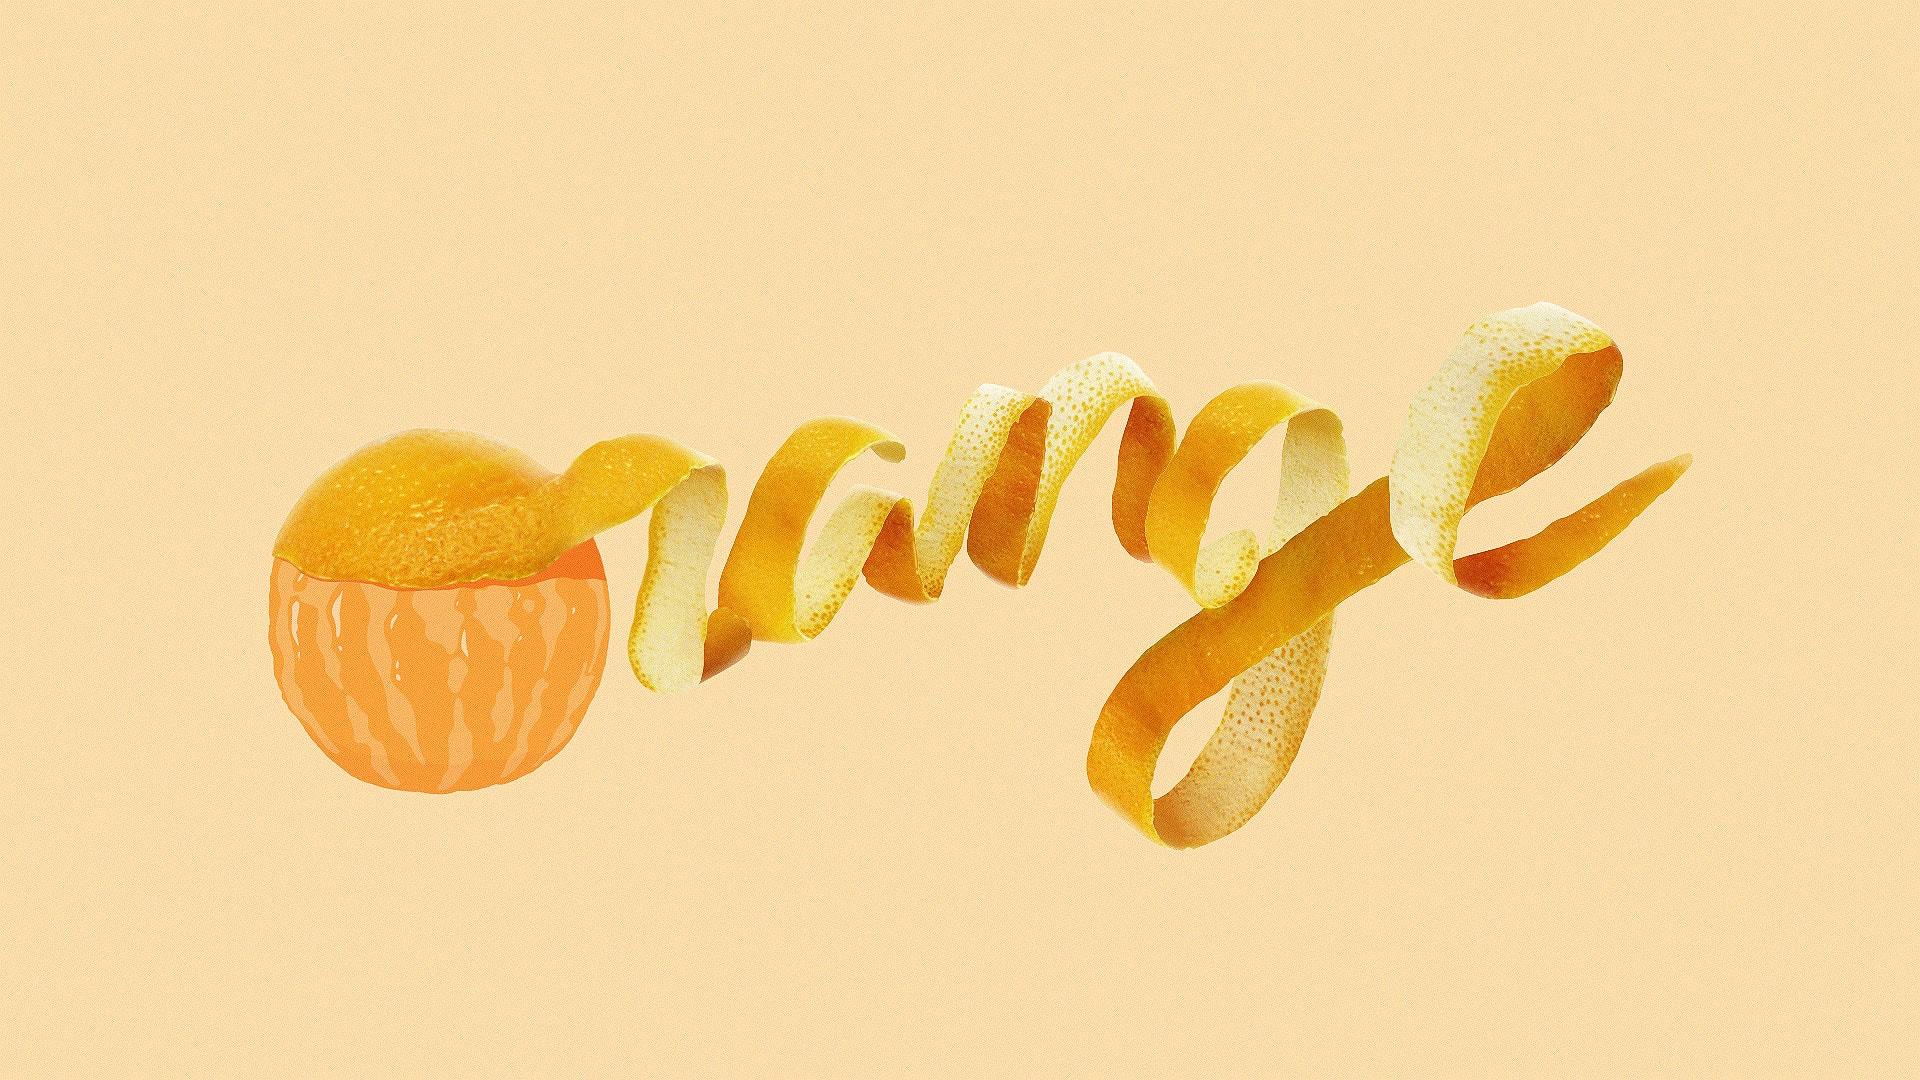 05. Yoplait - Orange And Cream